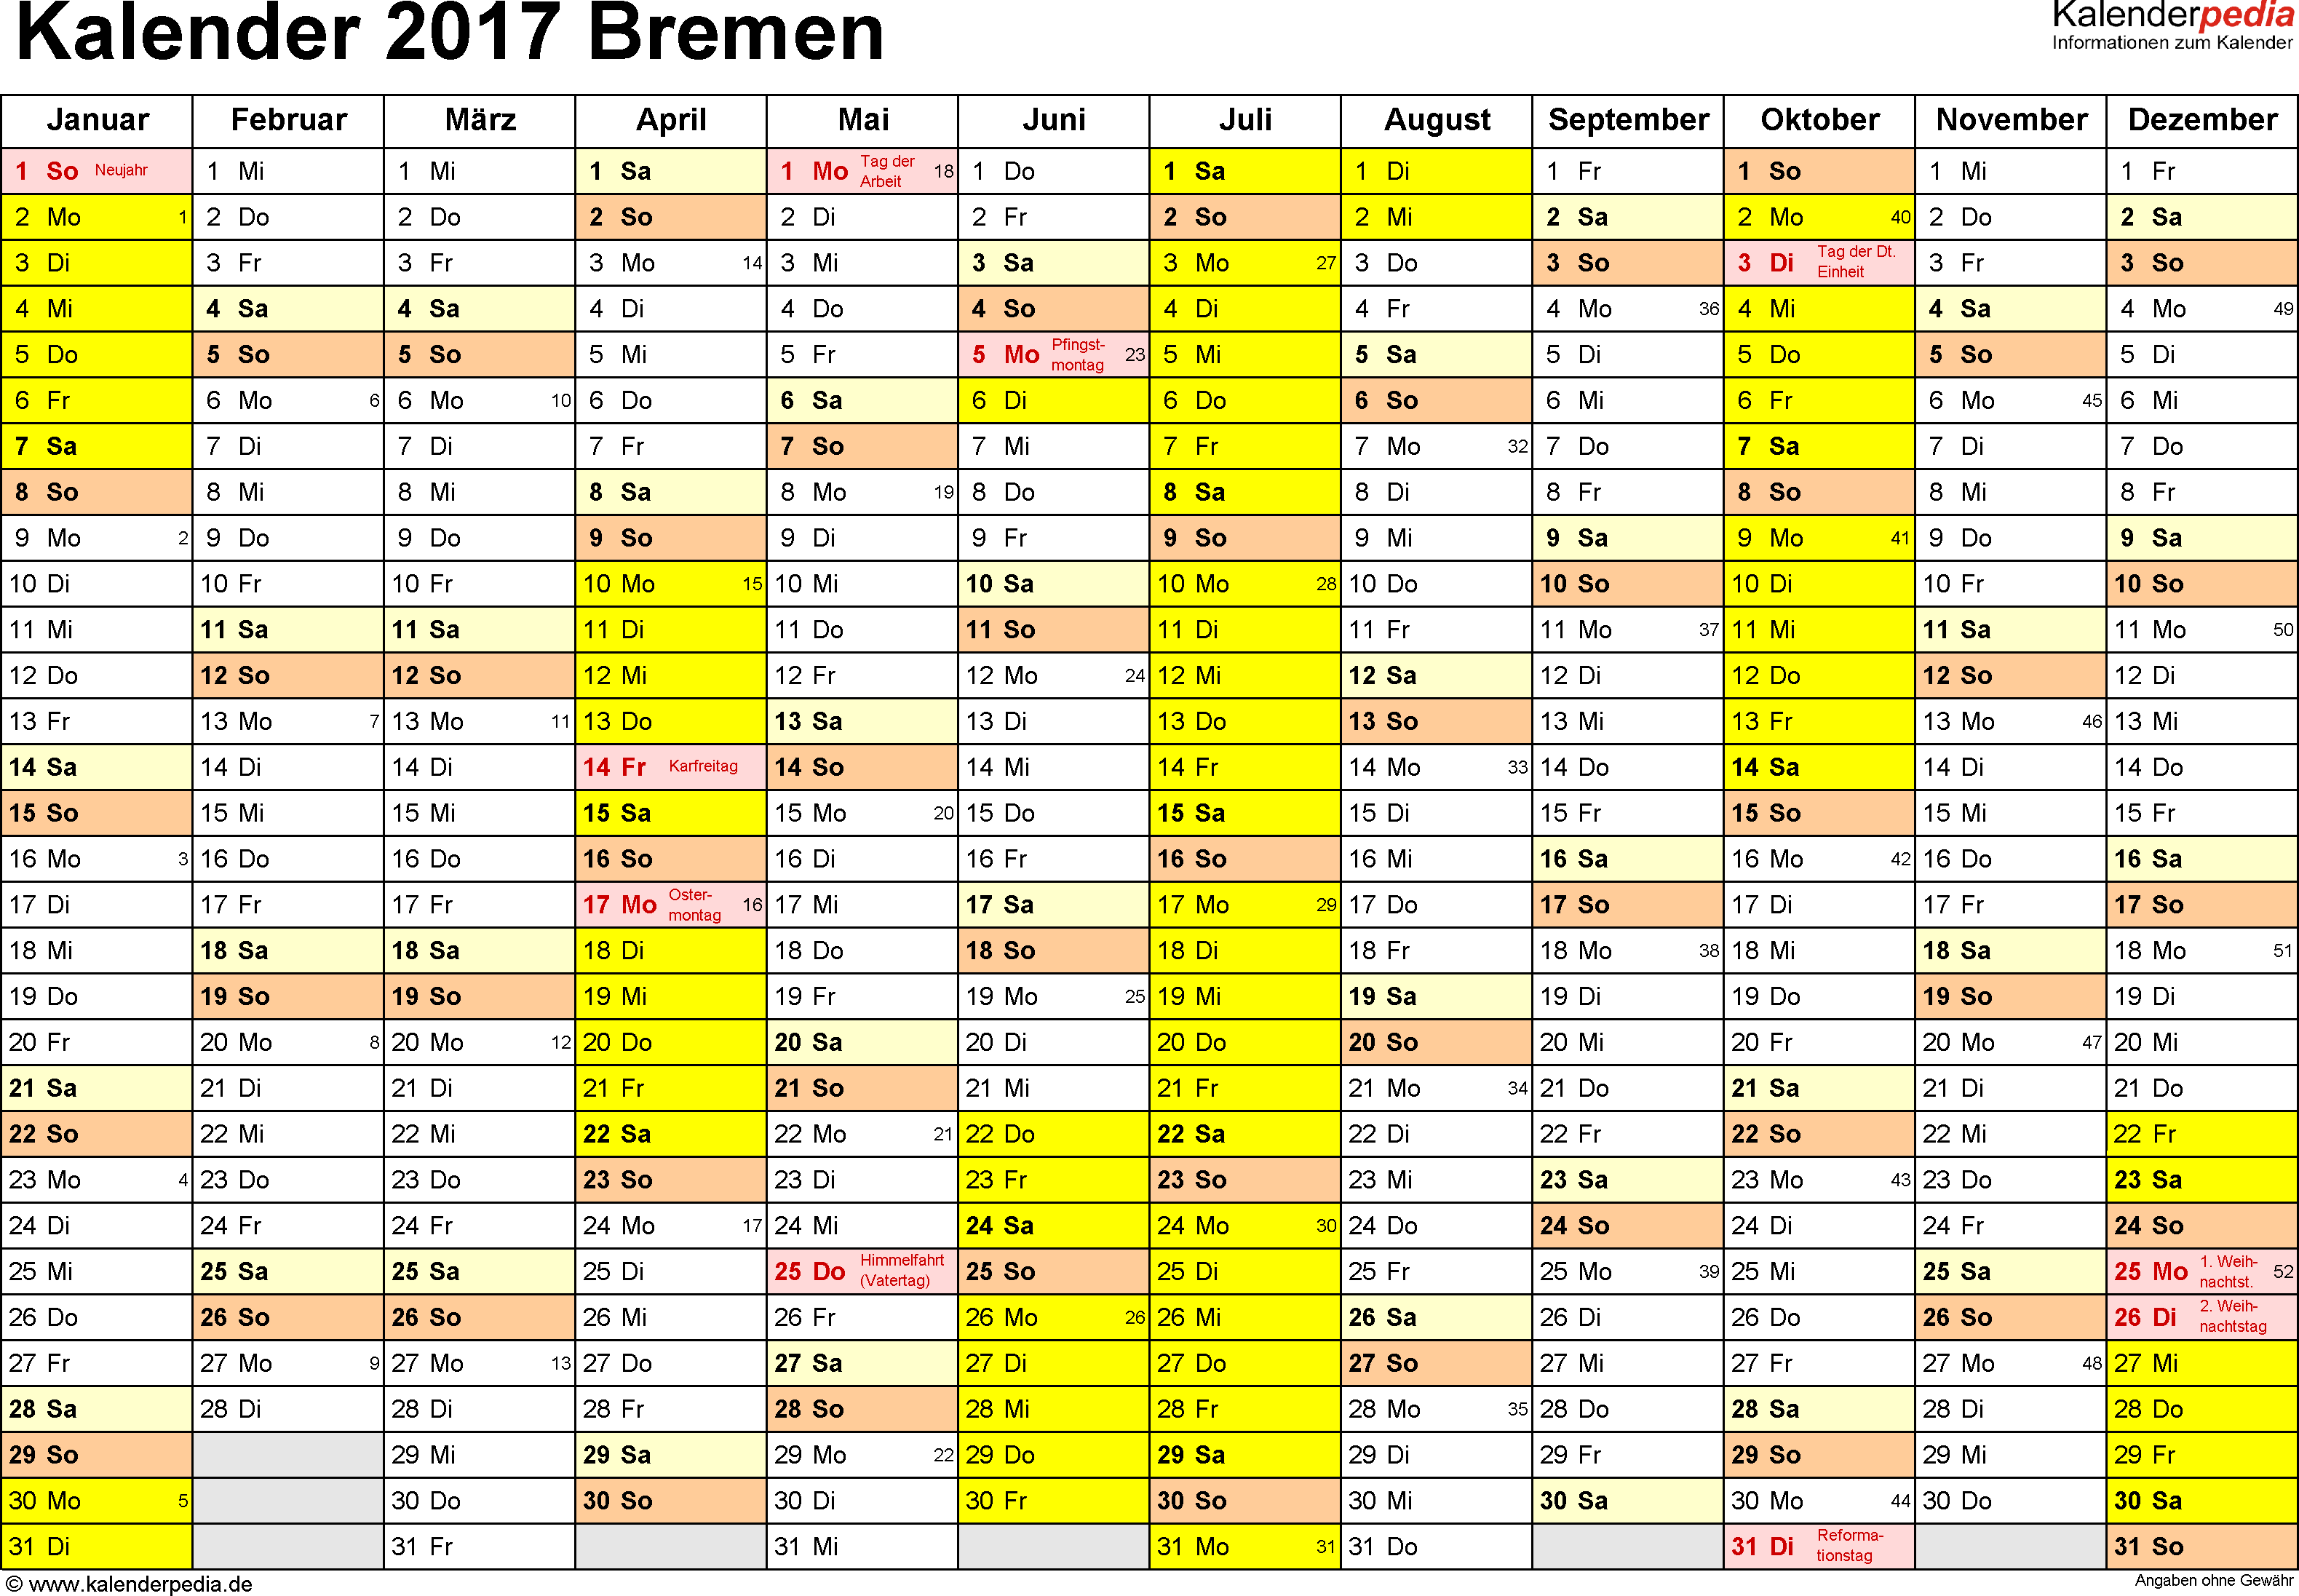 Vorlage 1: Kalender 2017 für Bremen als PDF-Vorlage (Querformat, 1 Seite)